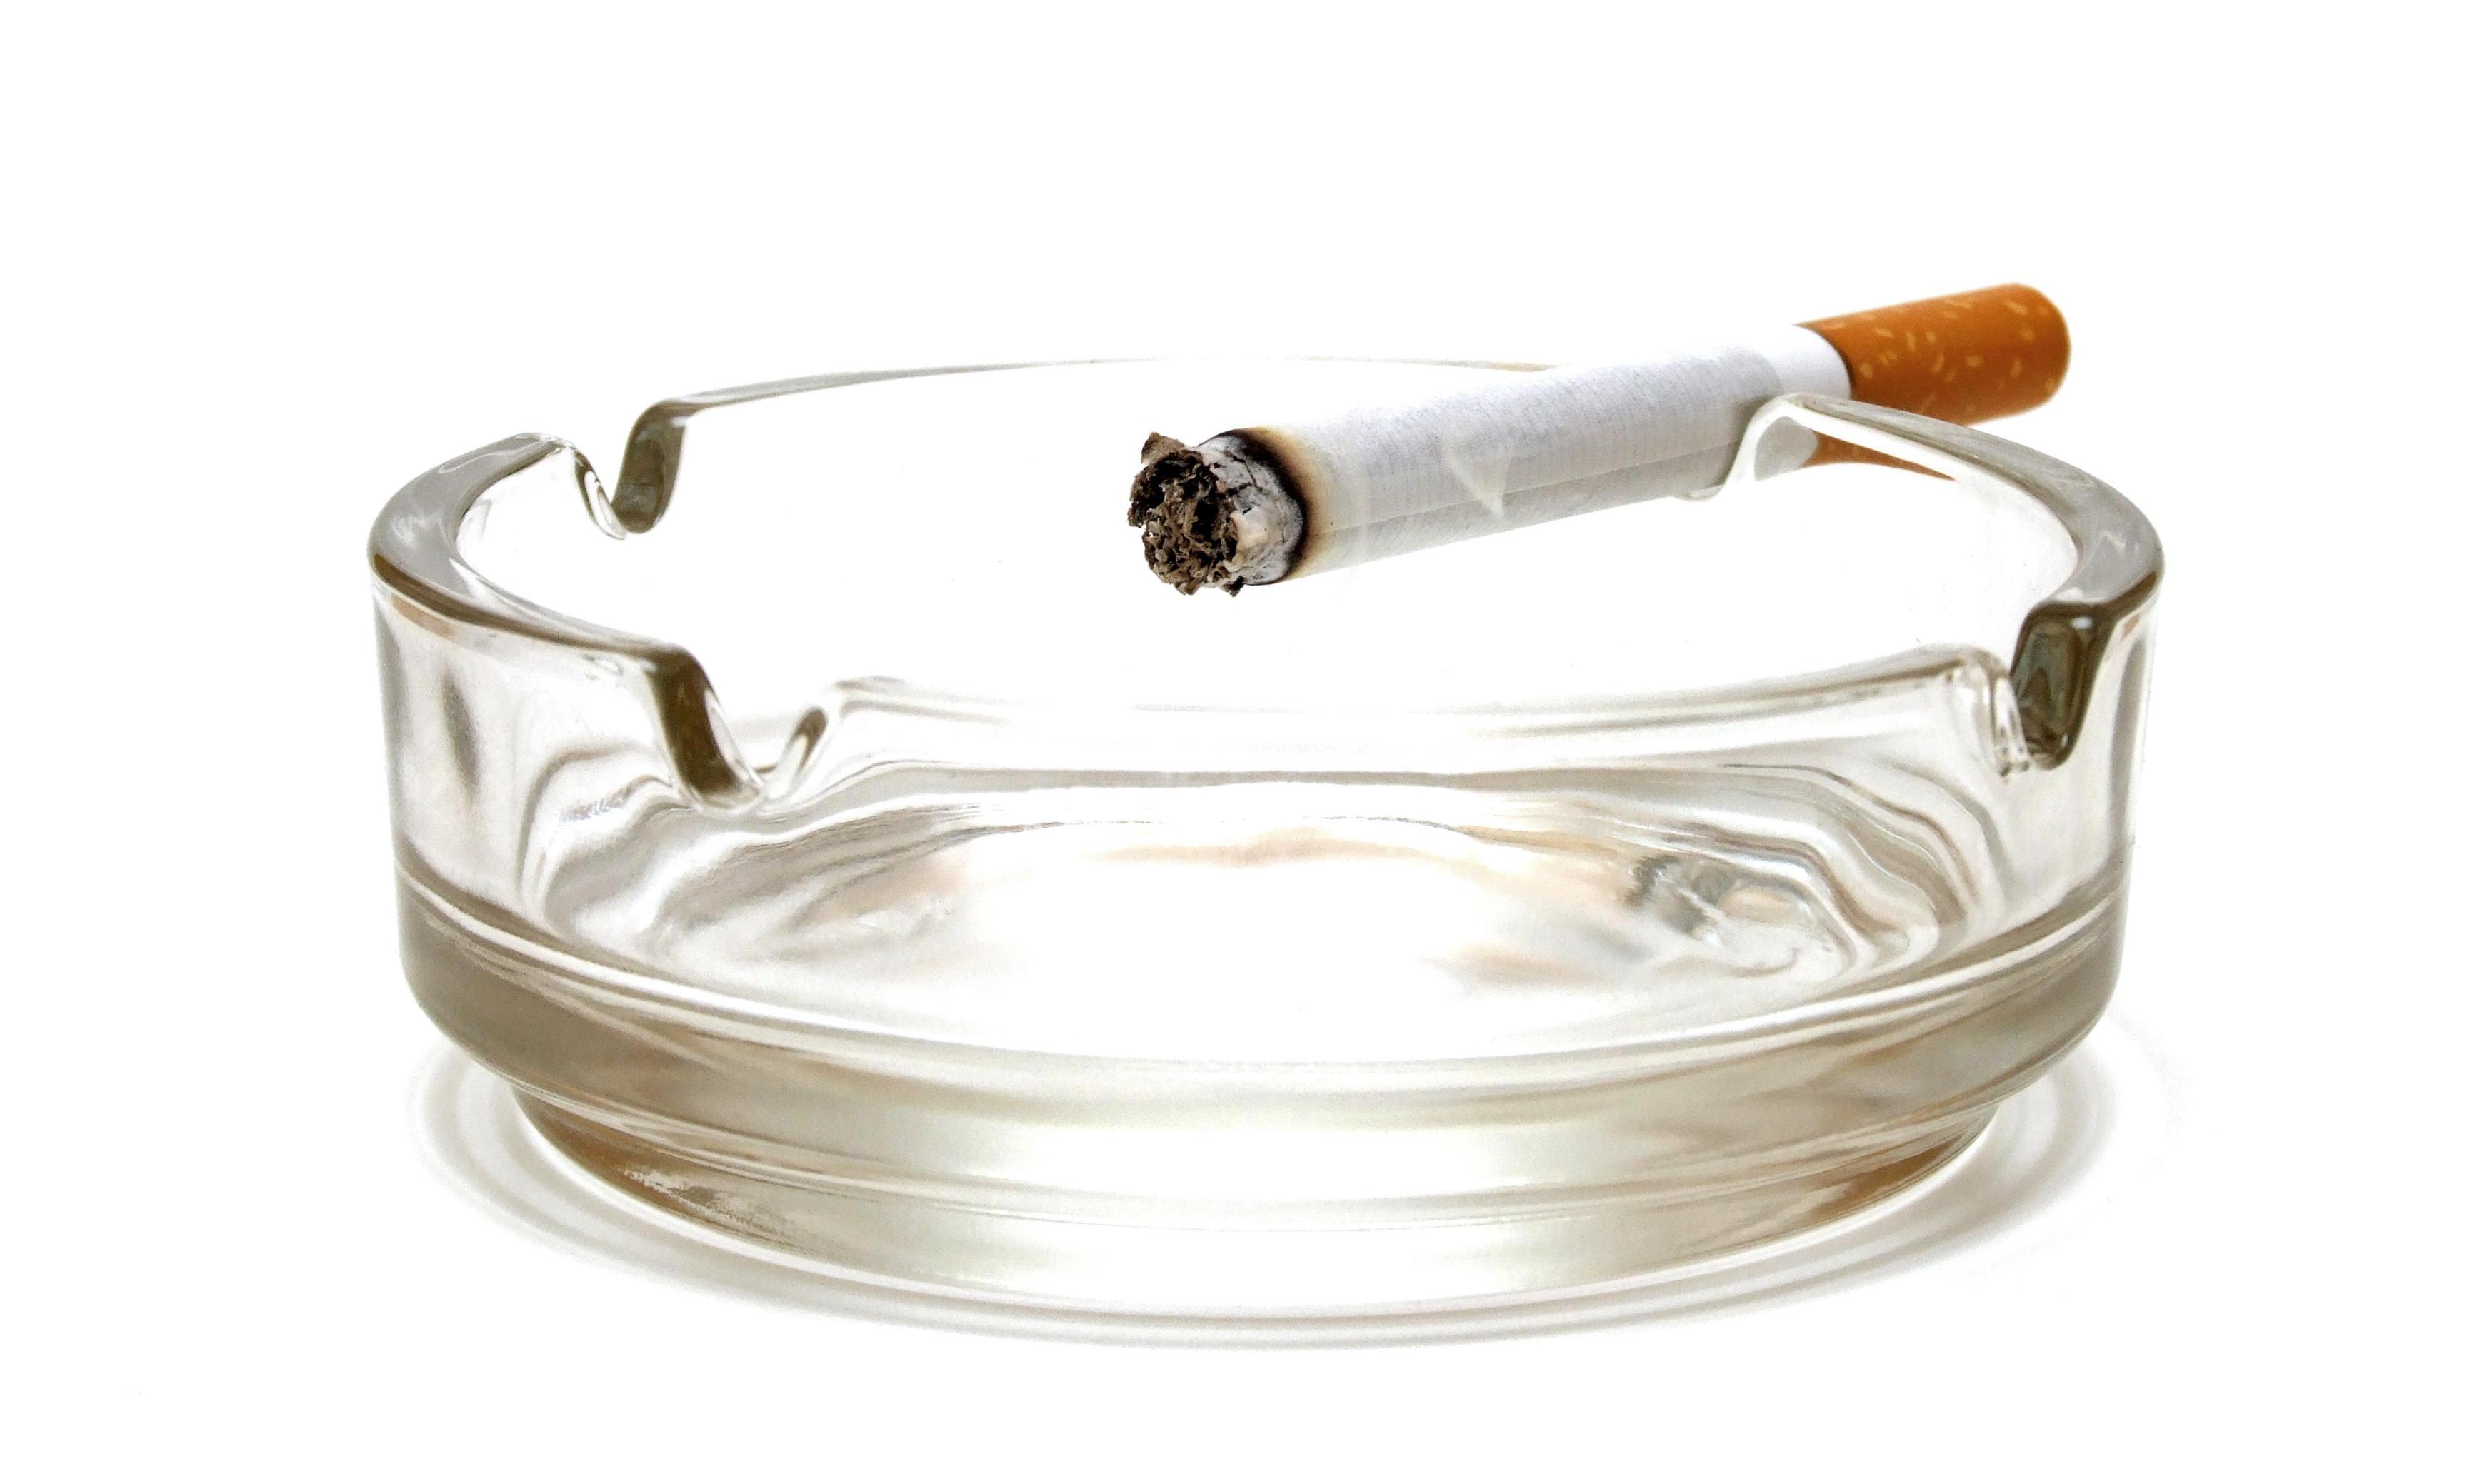 Five ways to quit smoking